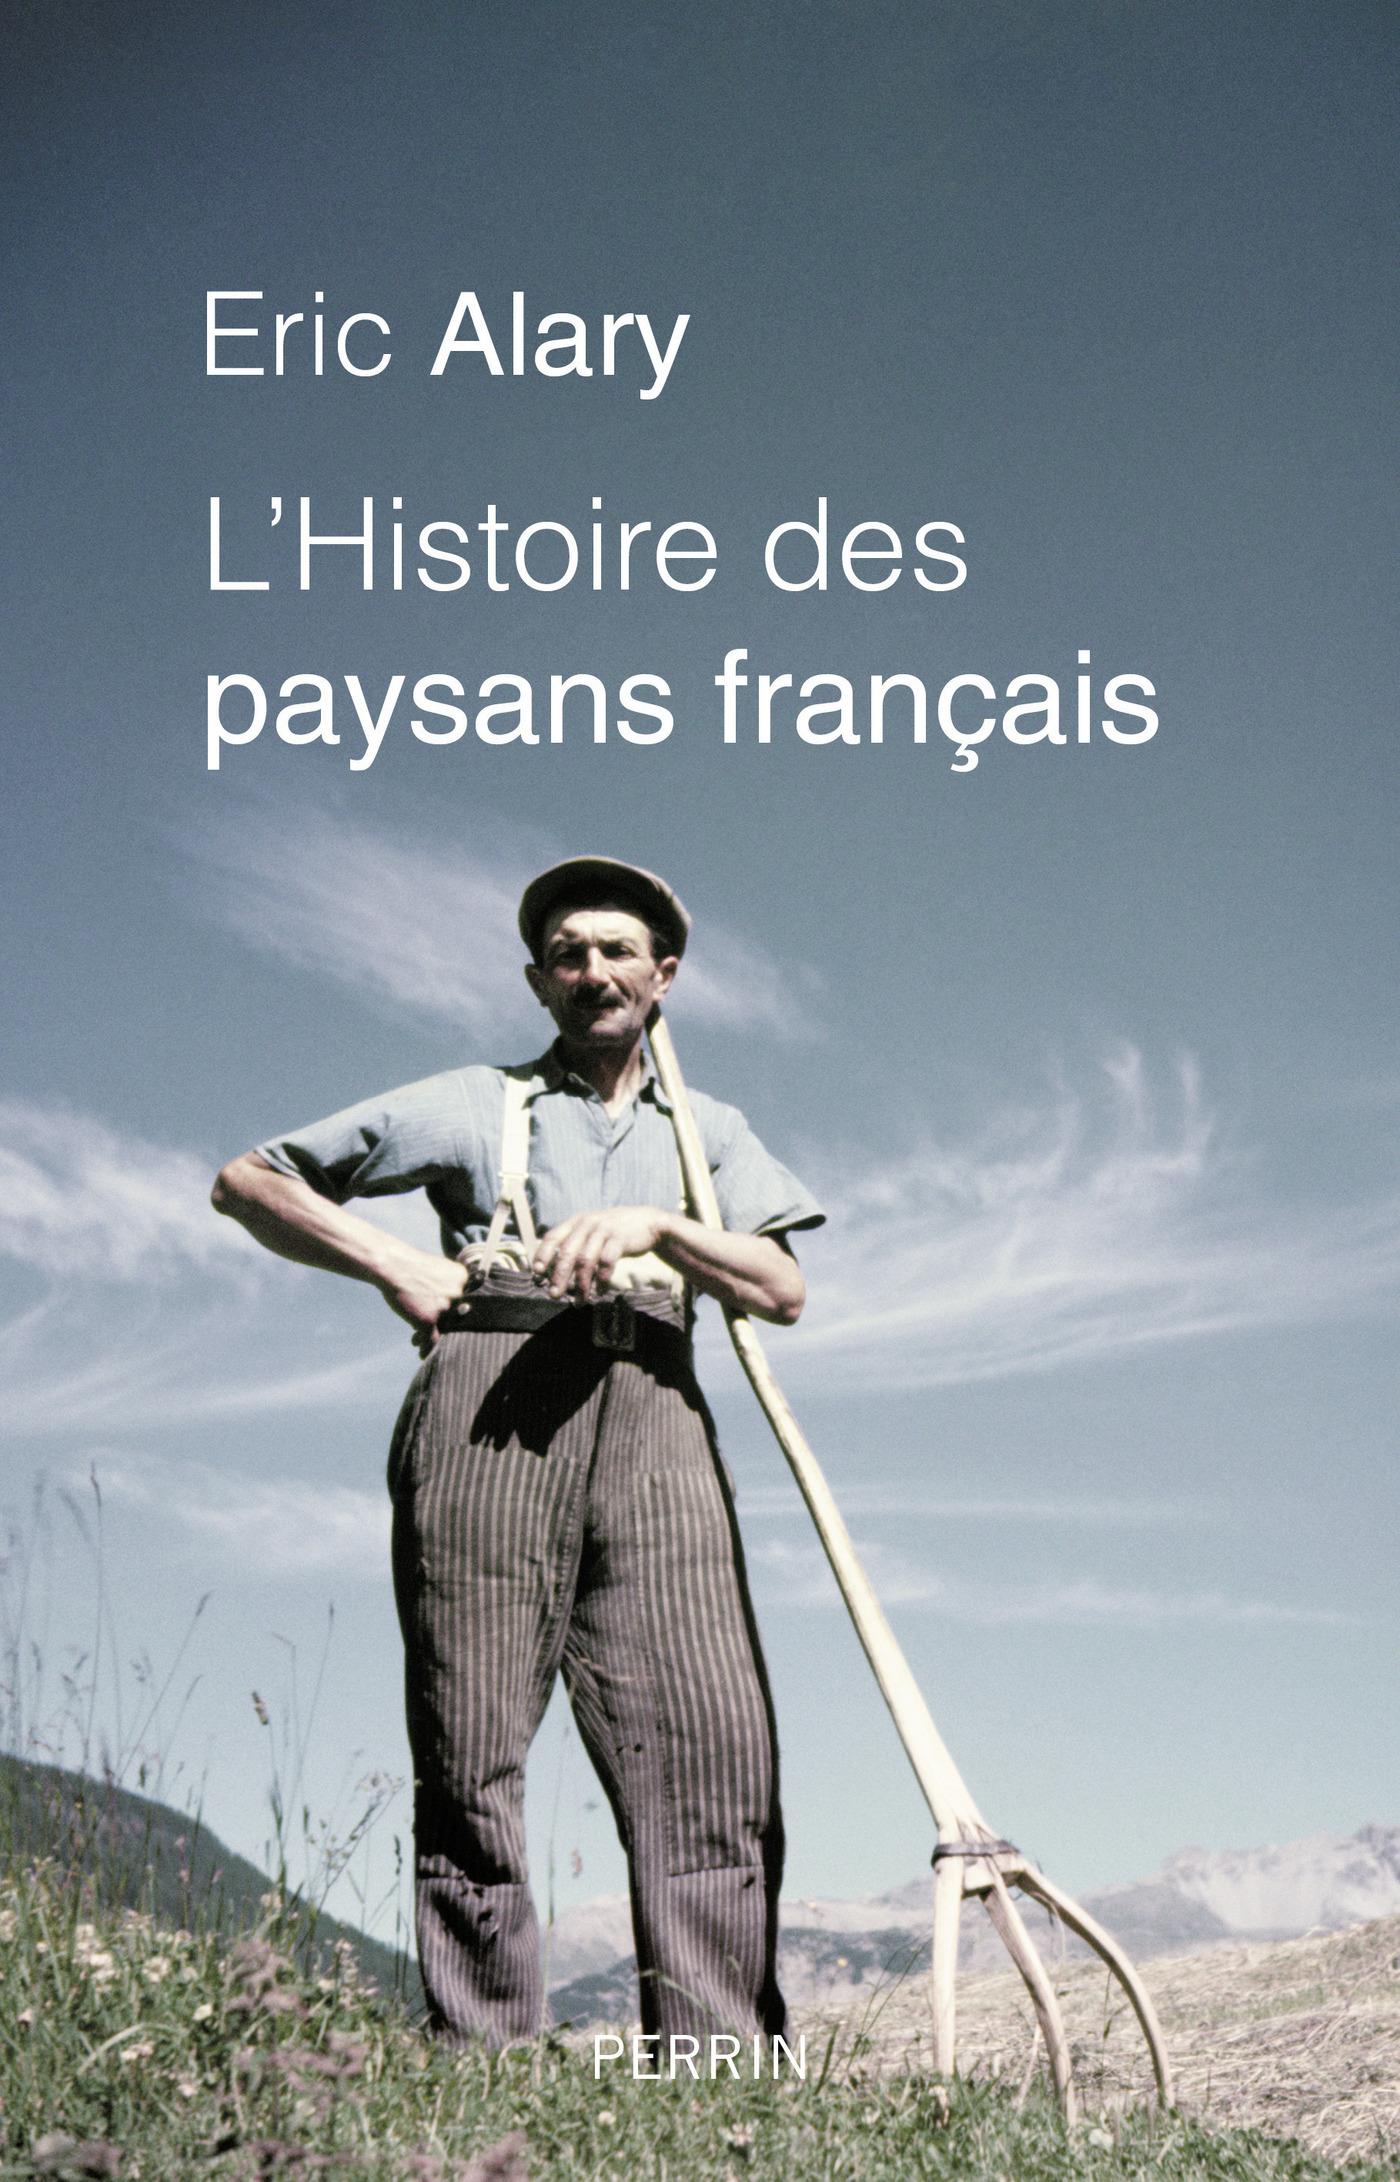 L'Histoire des paysans français (ebook)